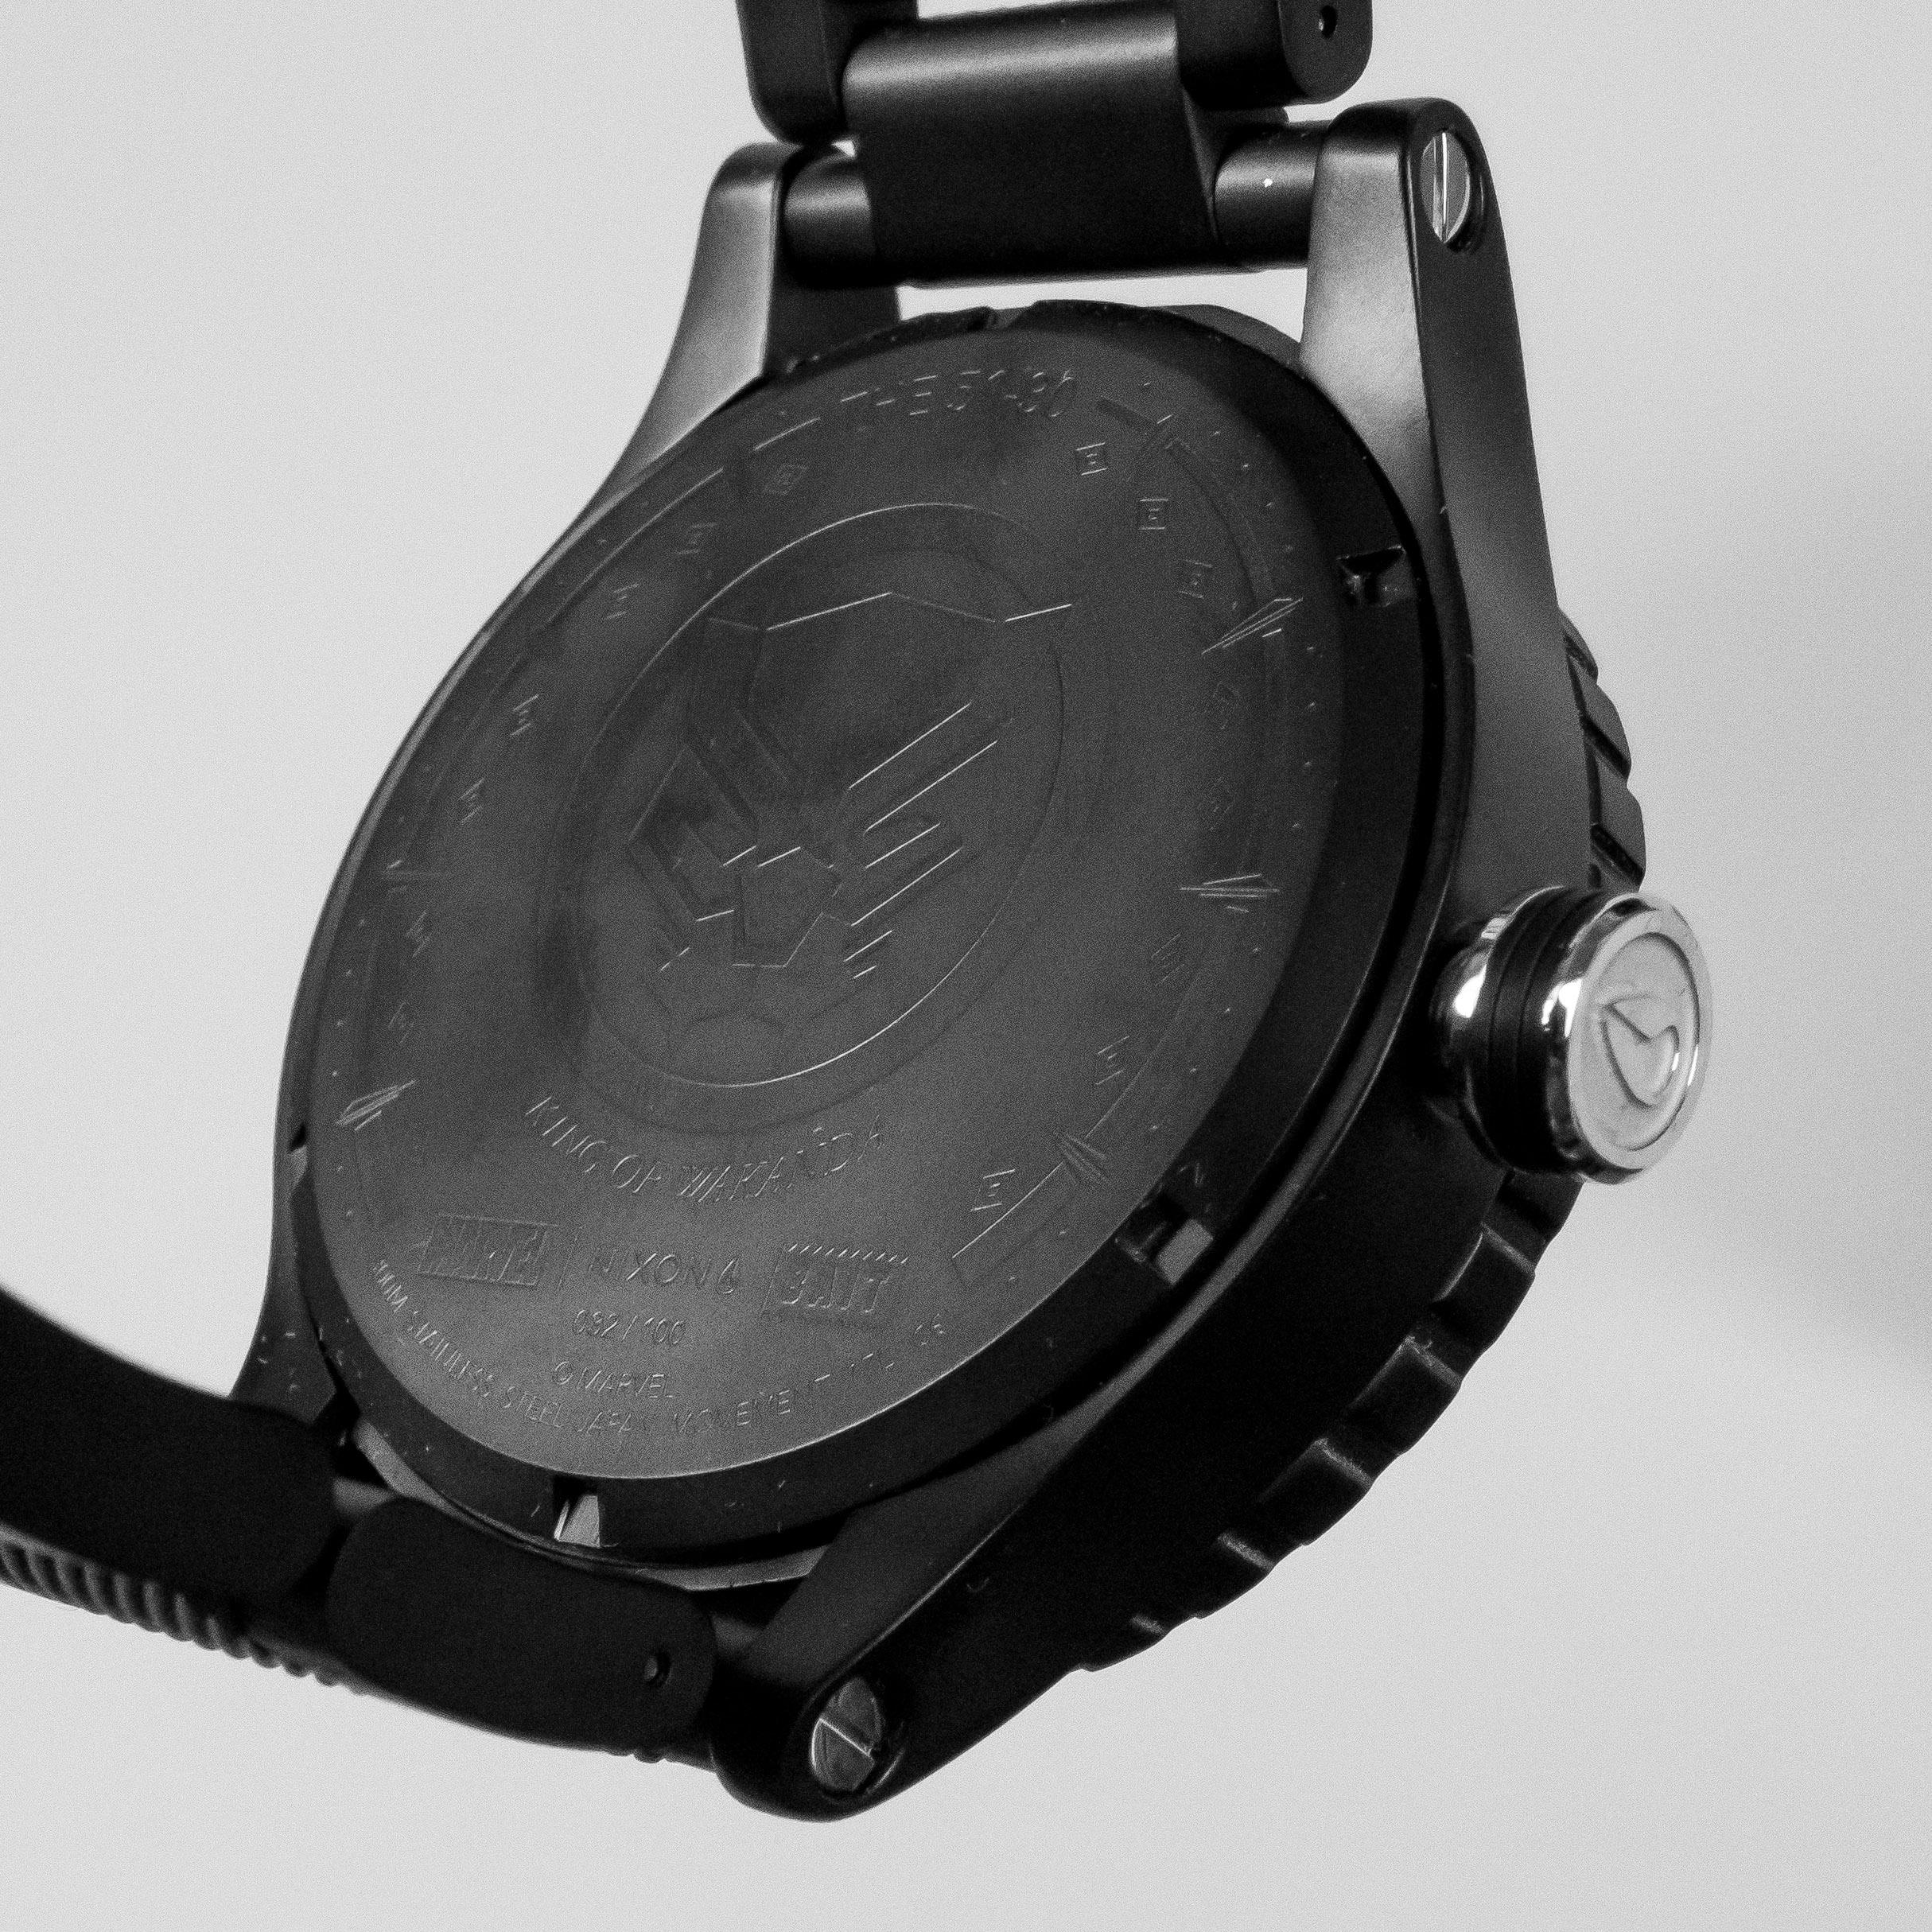 Marvel hợp tác Puma cho ra mắt BST sneakers Black Panther phiên bản giới hạn, tổng cộng 400 đôi trên toàn thế giới - Ảnh 7.